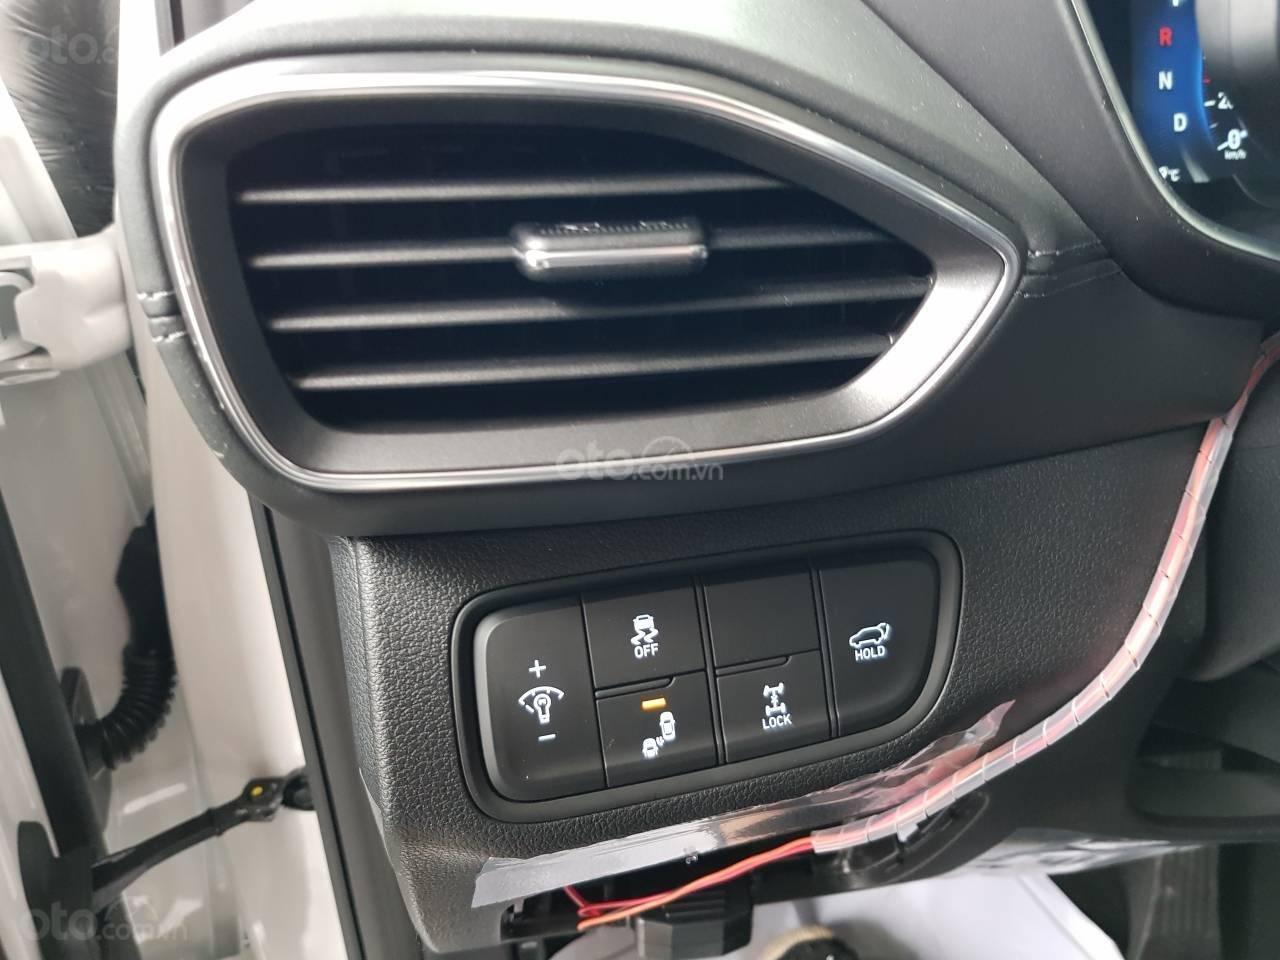 Bán Hyundai Santa Fe 2019, giao xe ngay, khuyến mại cực cao, liên hệ ngay 0981476777 để ép giá và nhận ưu đãi-8